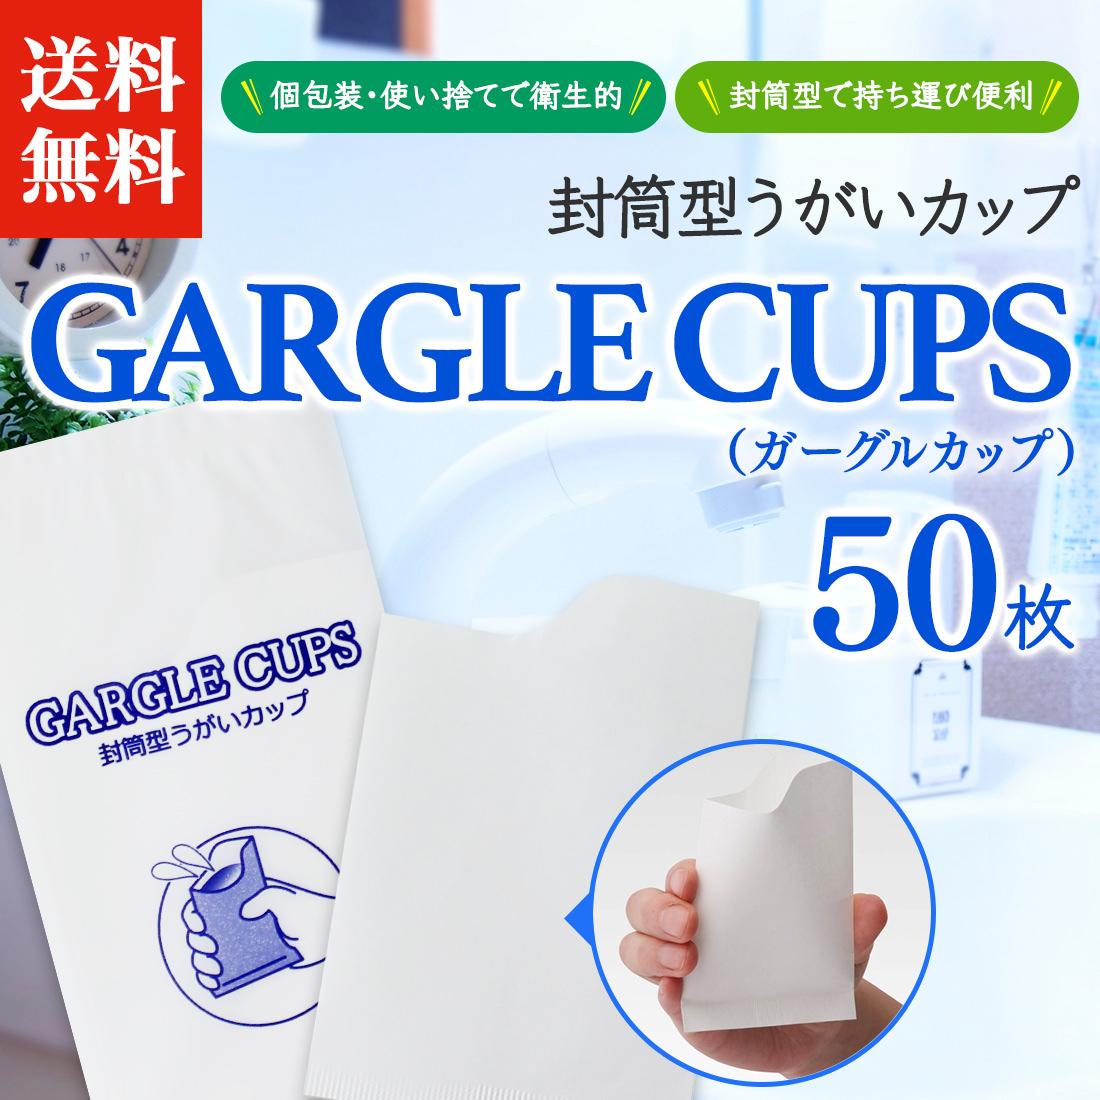 個包装うがいカップがメディアで紹介されました